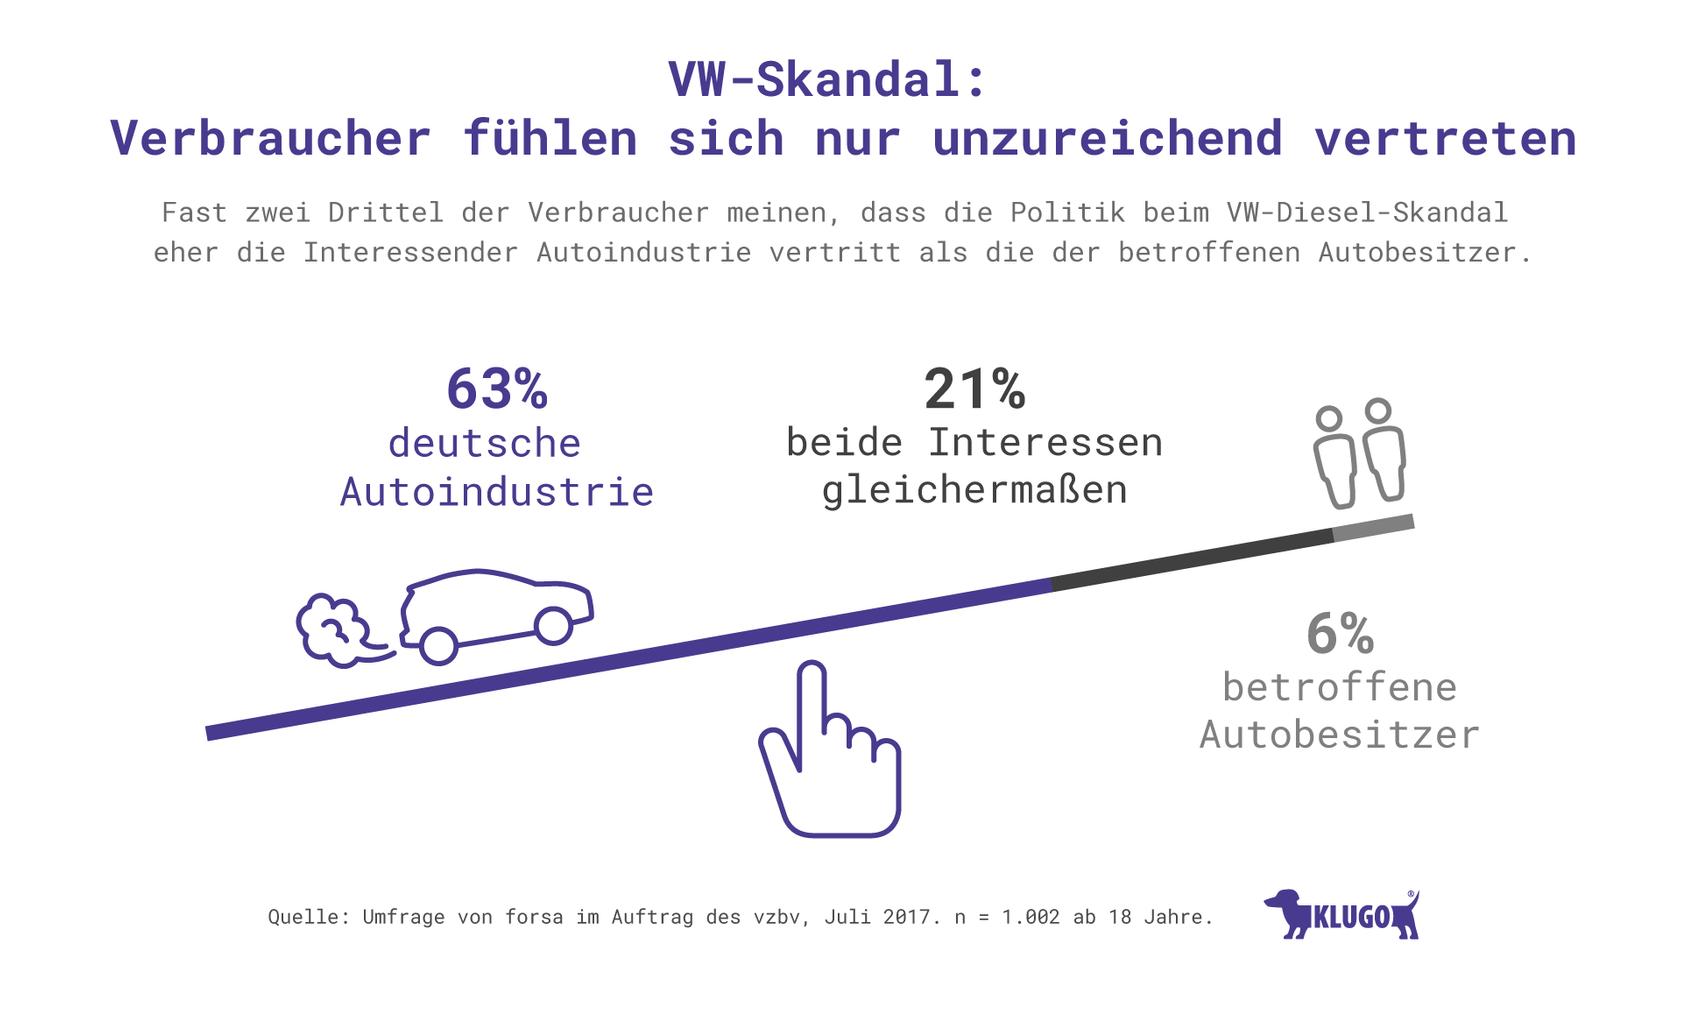 VW-Skandal: Verbraucher fühlen sich nur unzureichend vertreten – Infografik